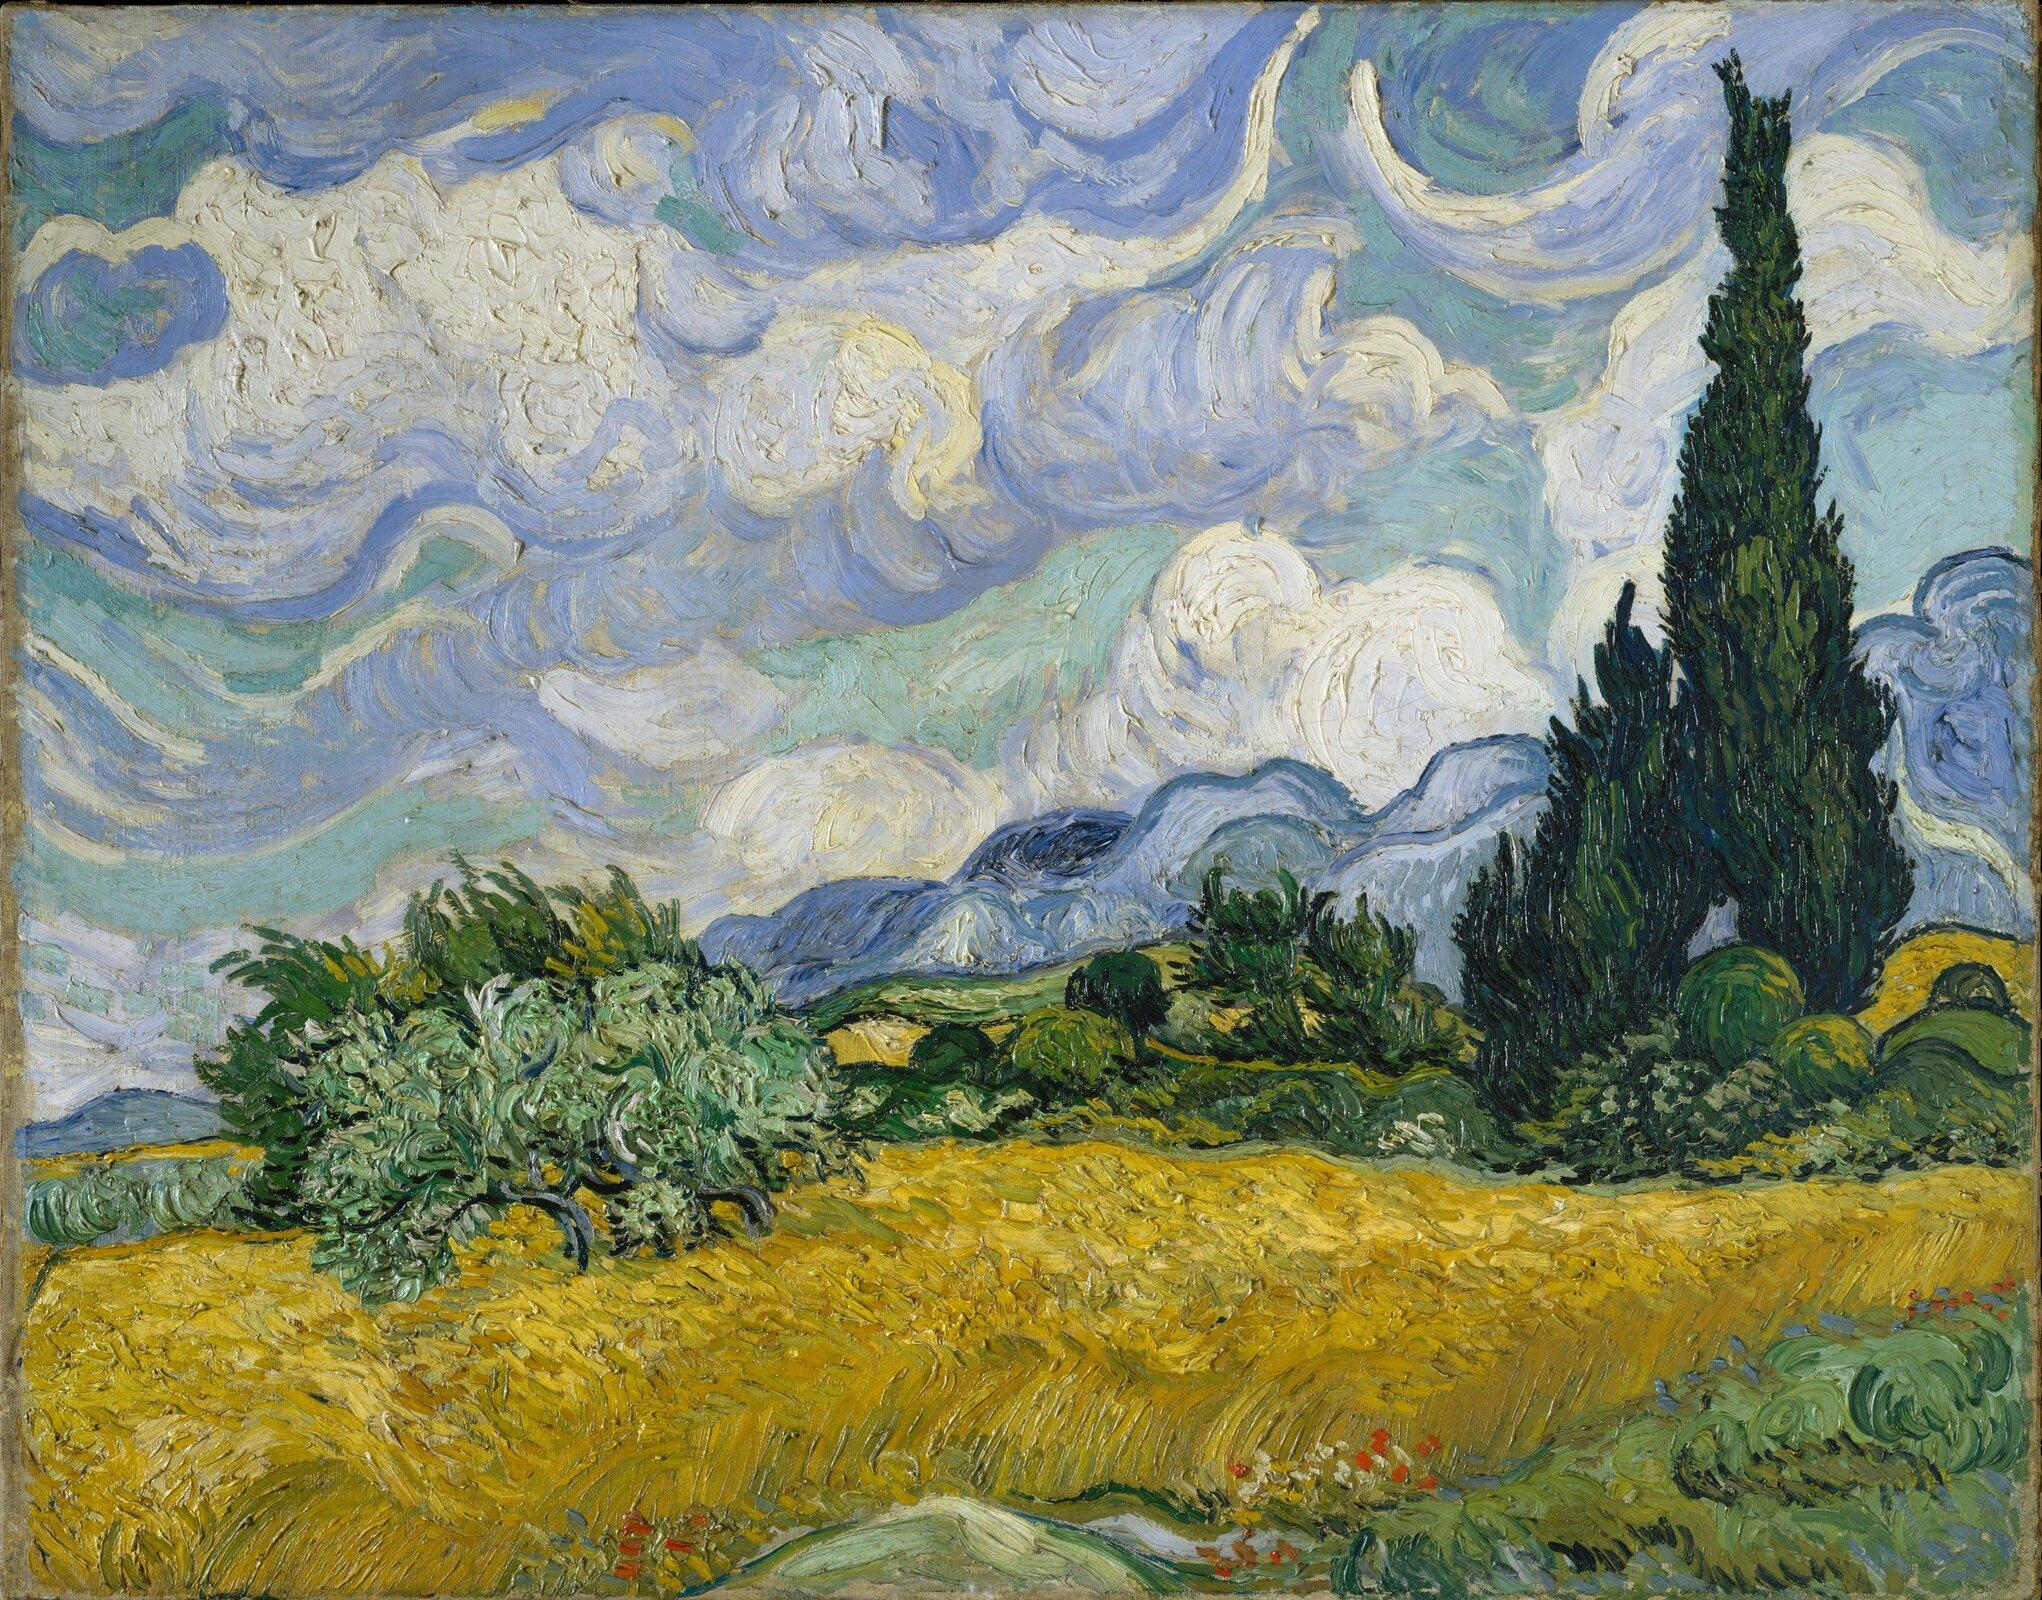 Pole pszenicy zcyprysami Źródło: Vincent van Gogh, Pole pszenicy zcyprysami , 1889, Metropolitan Museum of Art, Nowy York, domena publiczna.